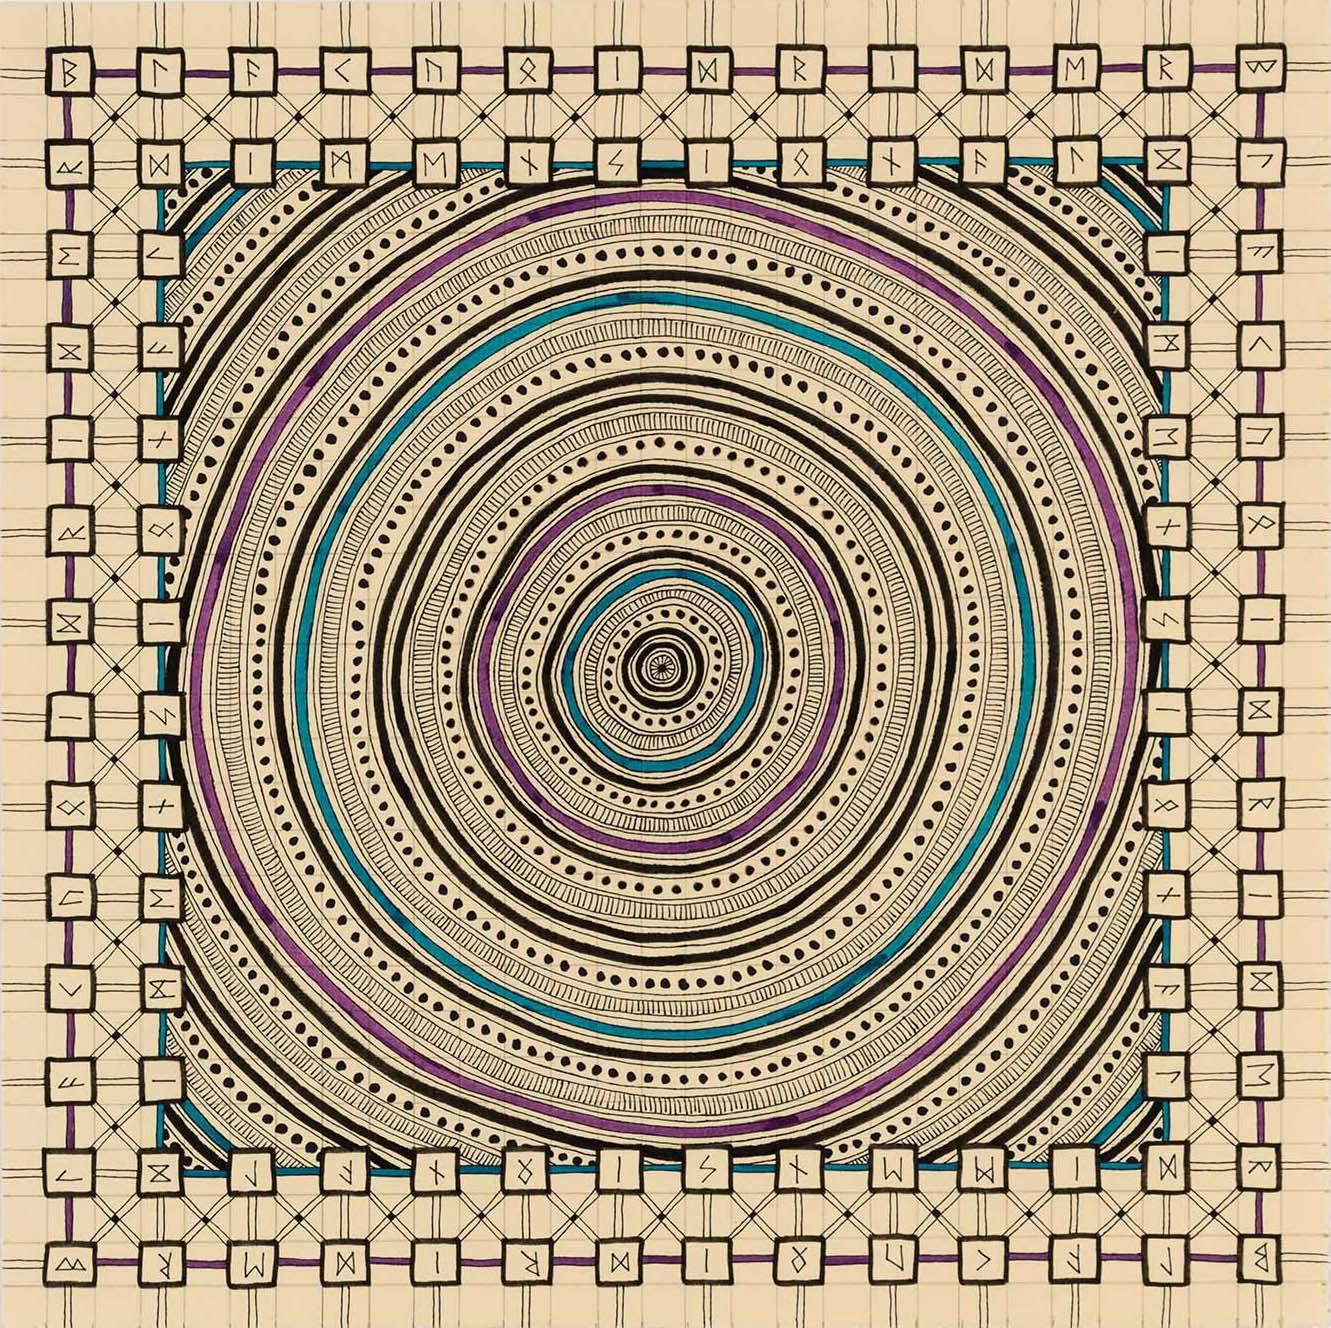 Andrew Schmidt - Dimensions